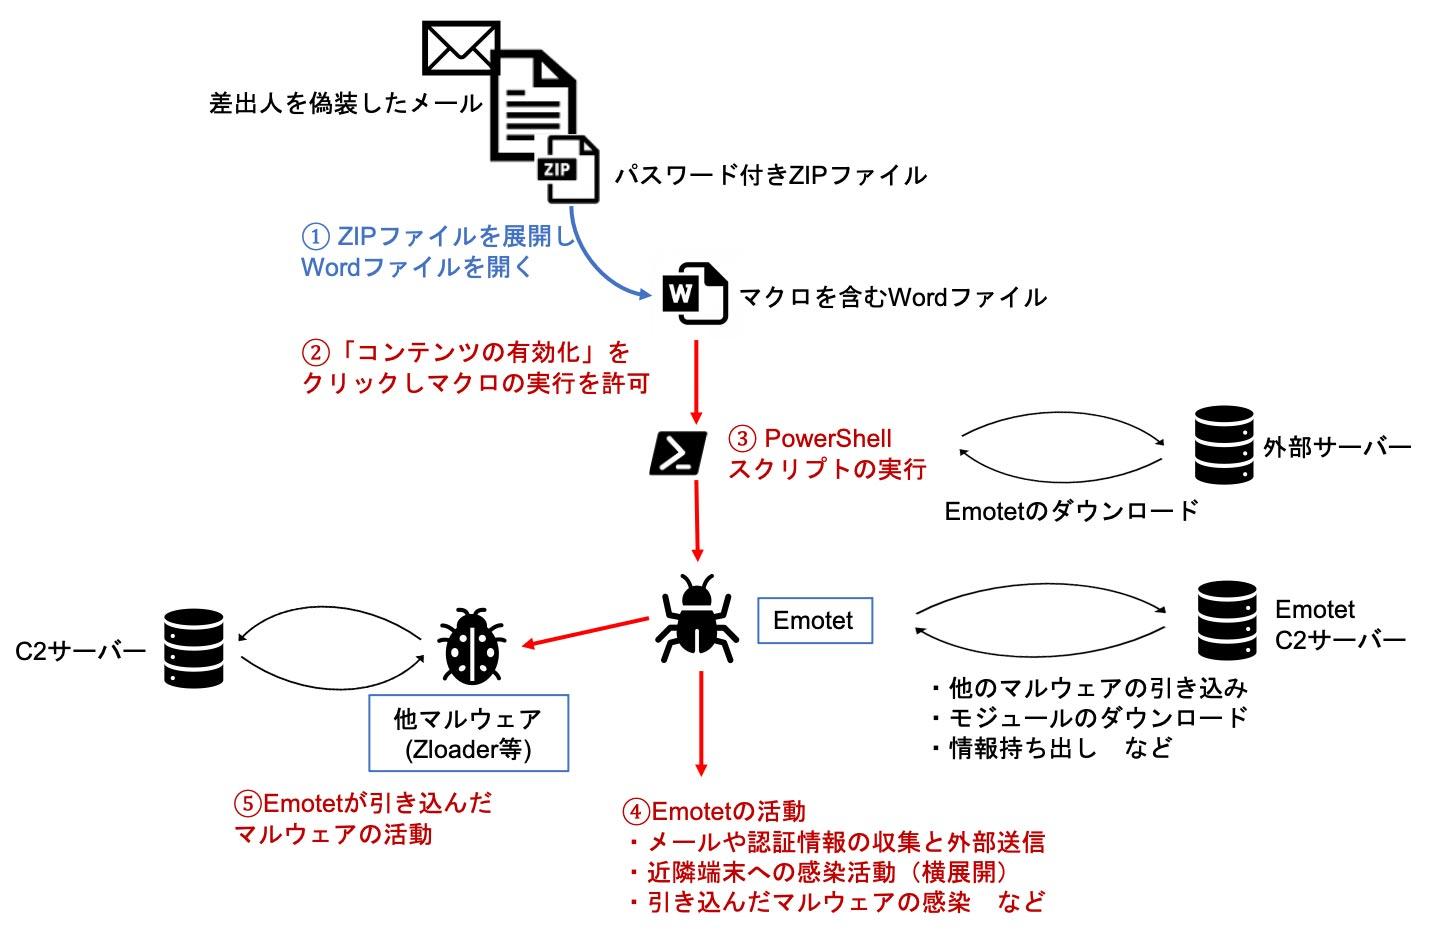 図2 Emotetの感染と活動の流れ